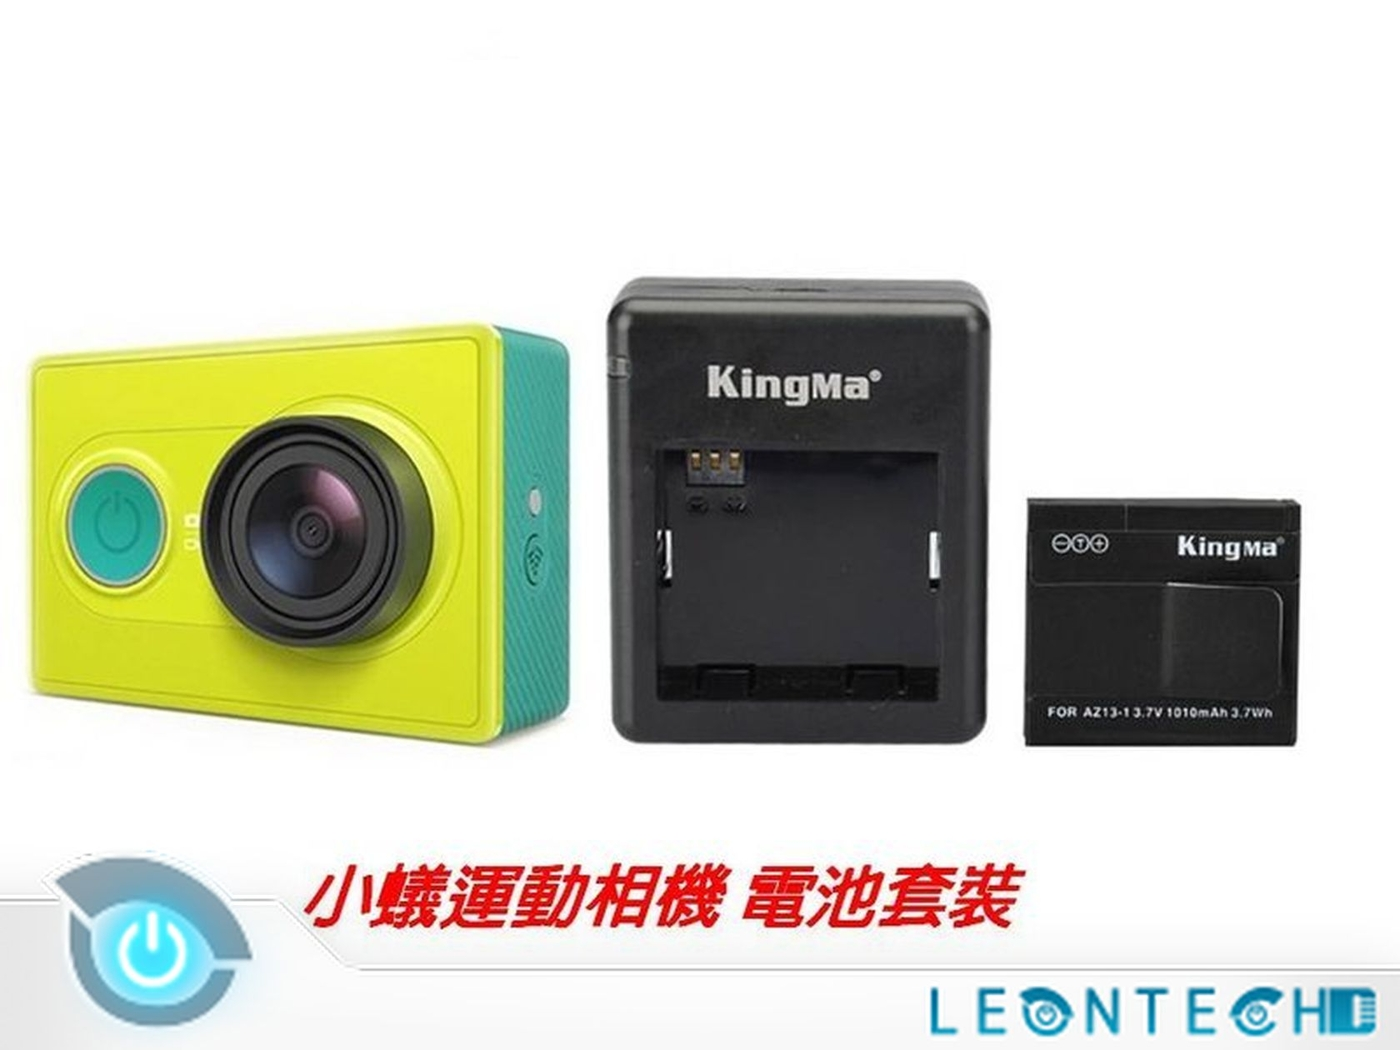 小蟻電池小蟻運動相機電池充電器小米小蟻攝像機小蟻相機